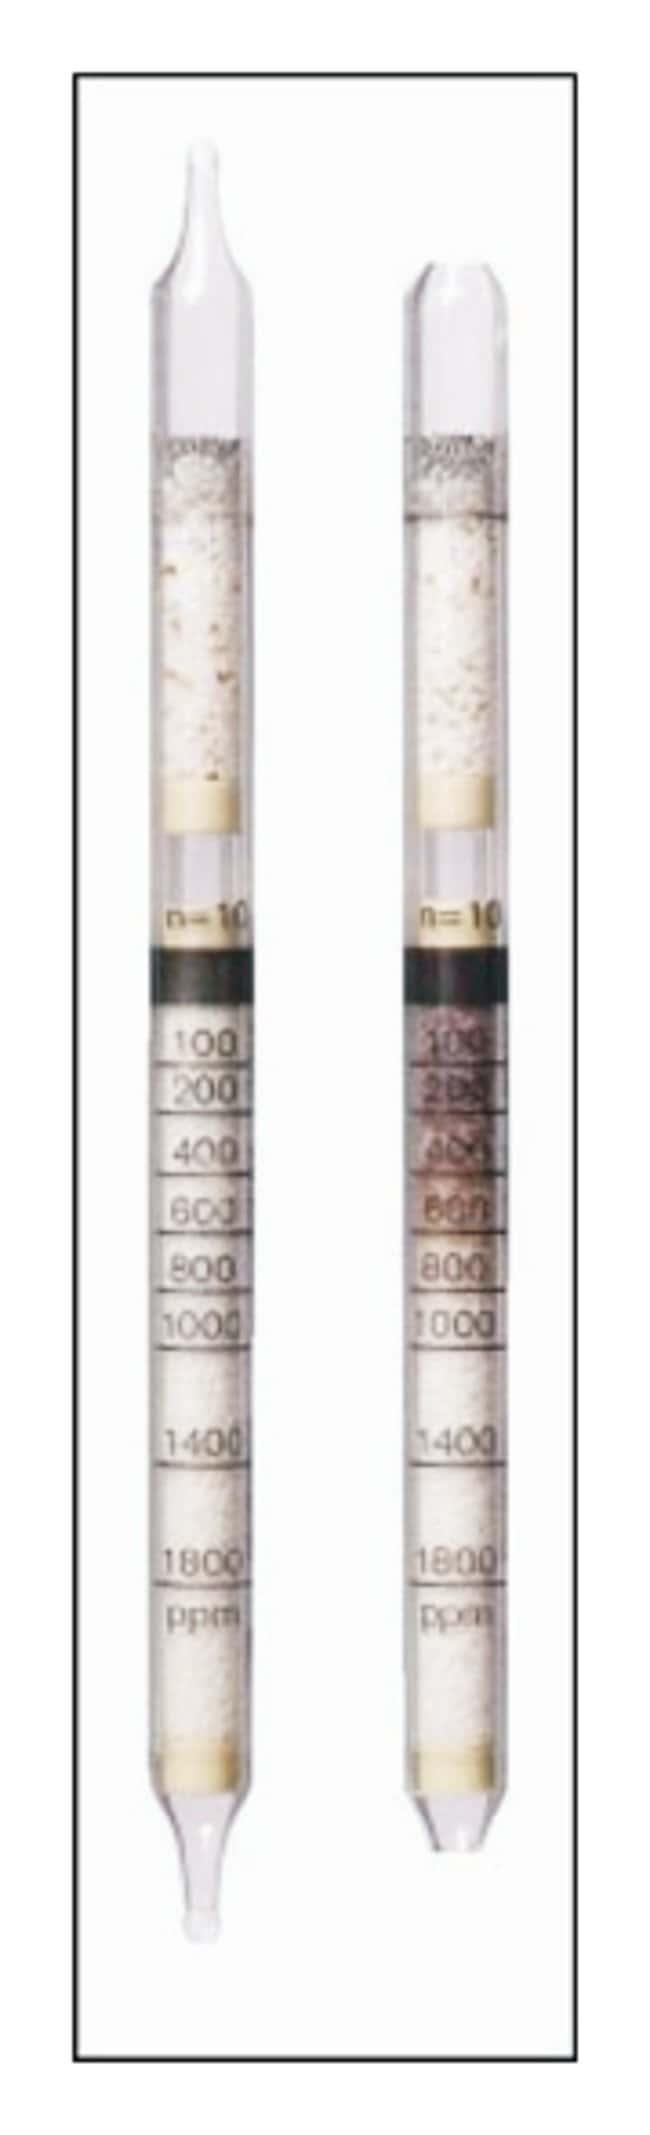 Dräger™Short-Term Detector Tubes: Toluene